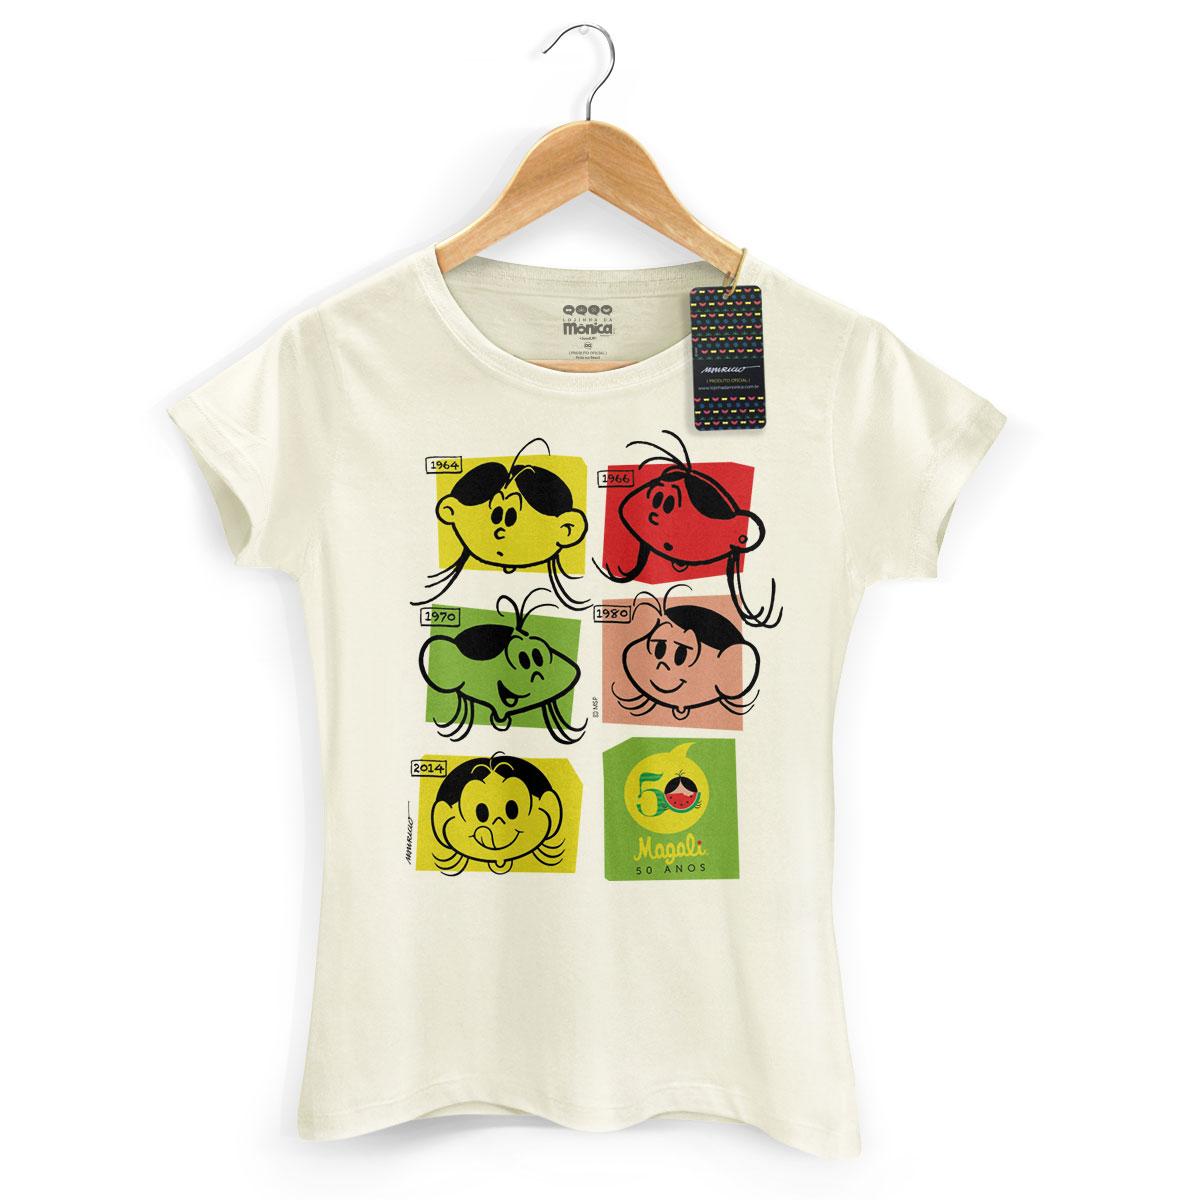 Camiseta Feminina Magali 50 Anos Evolução Colors